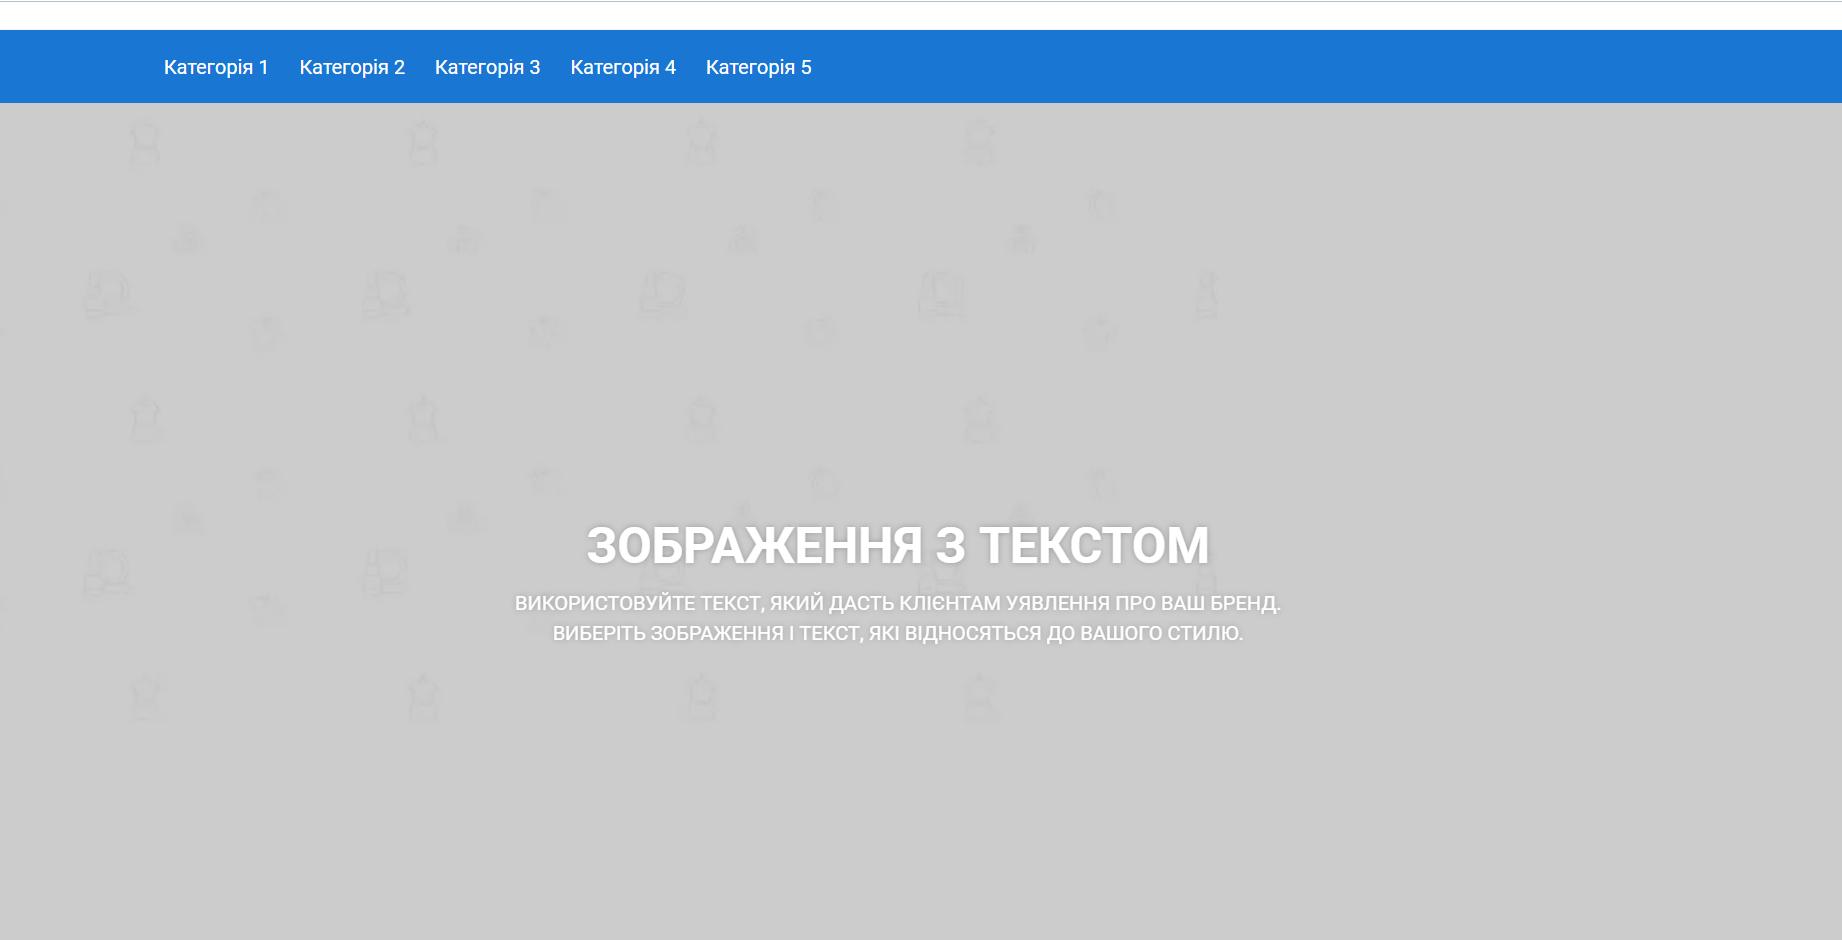 Создание магазина, скриншот